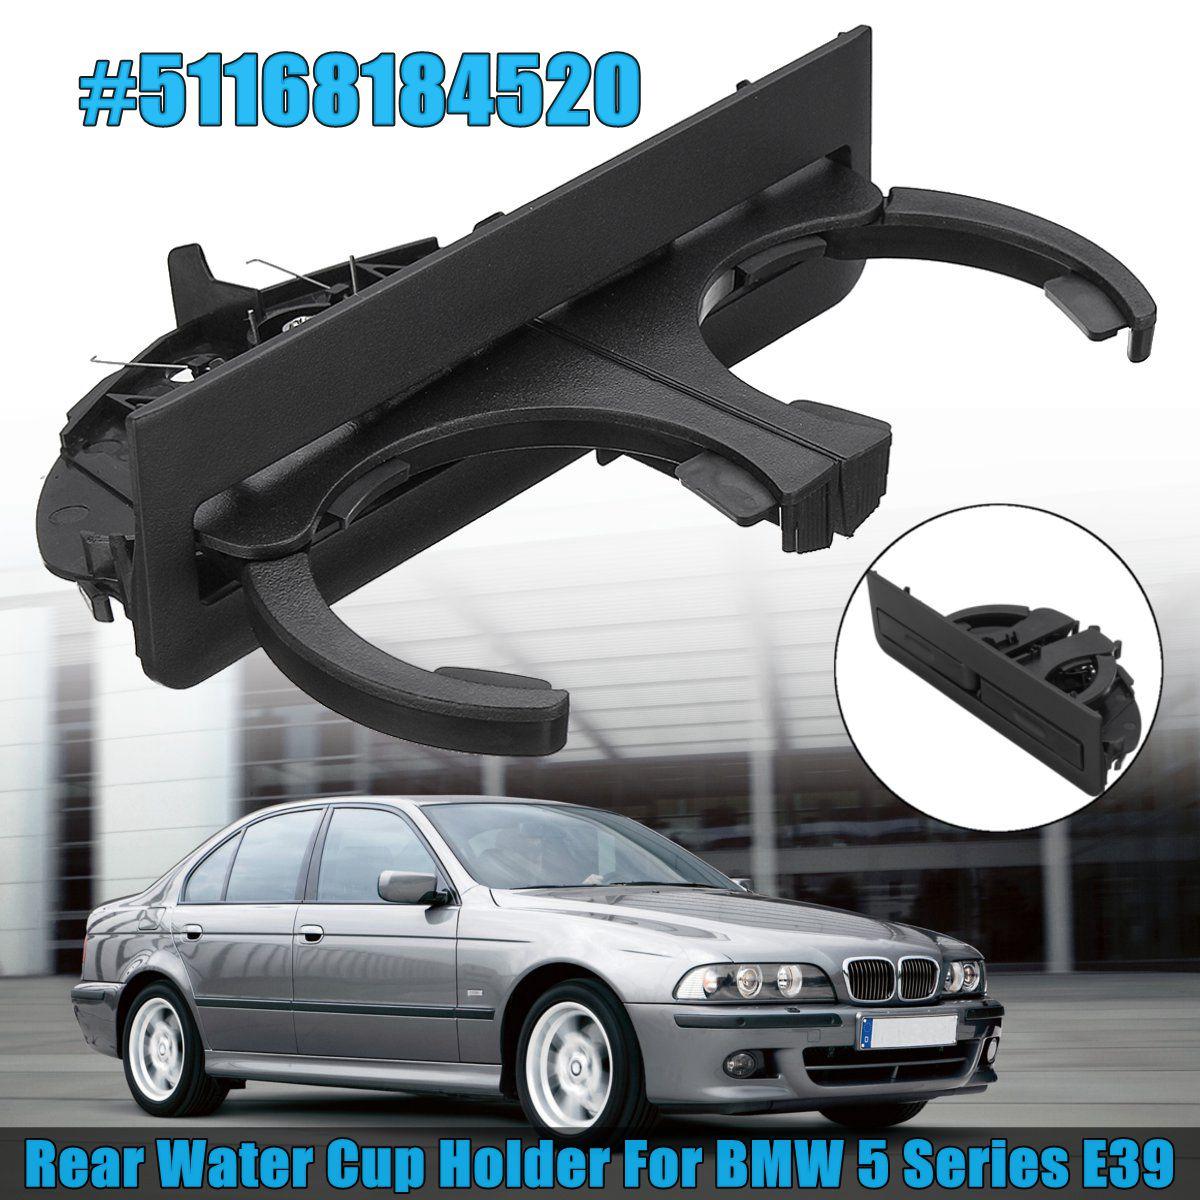 Yeni siyah arka çift bardak 2 içecek su tutucu ön BMW 5 serisi için E39 #51168184520